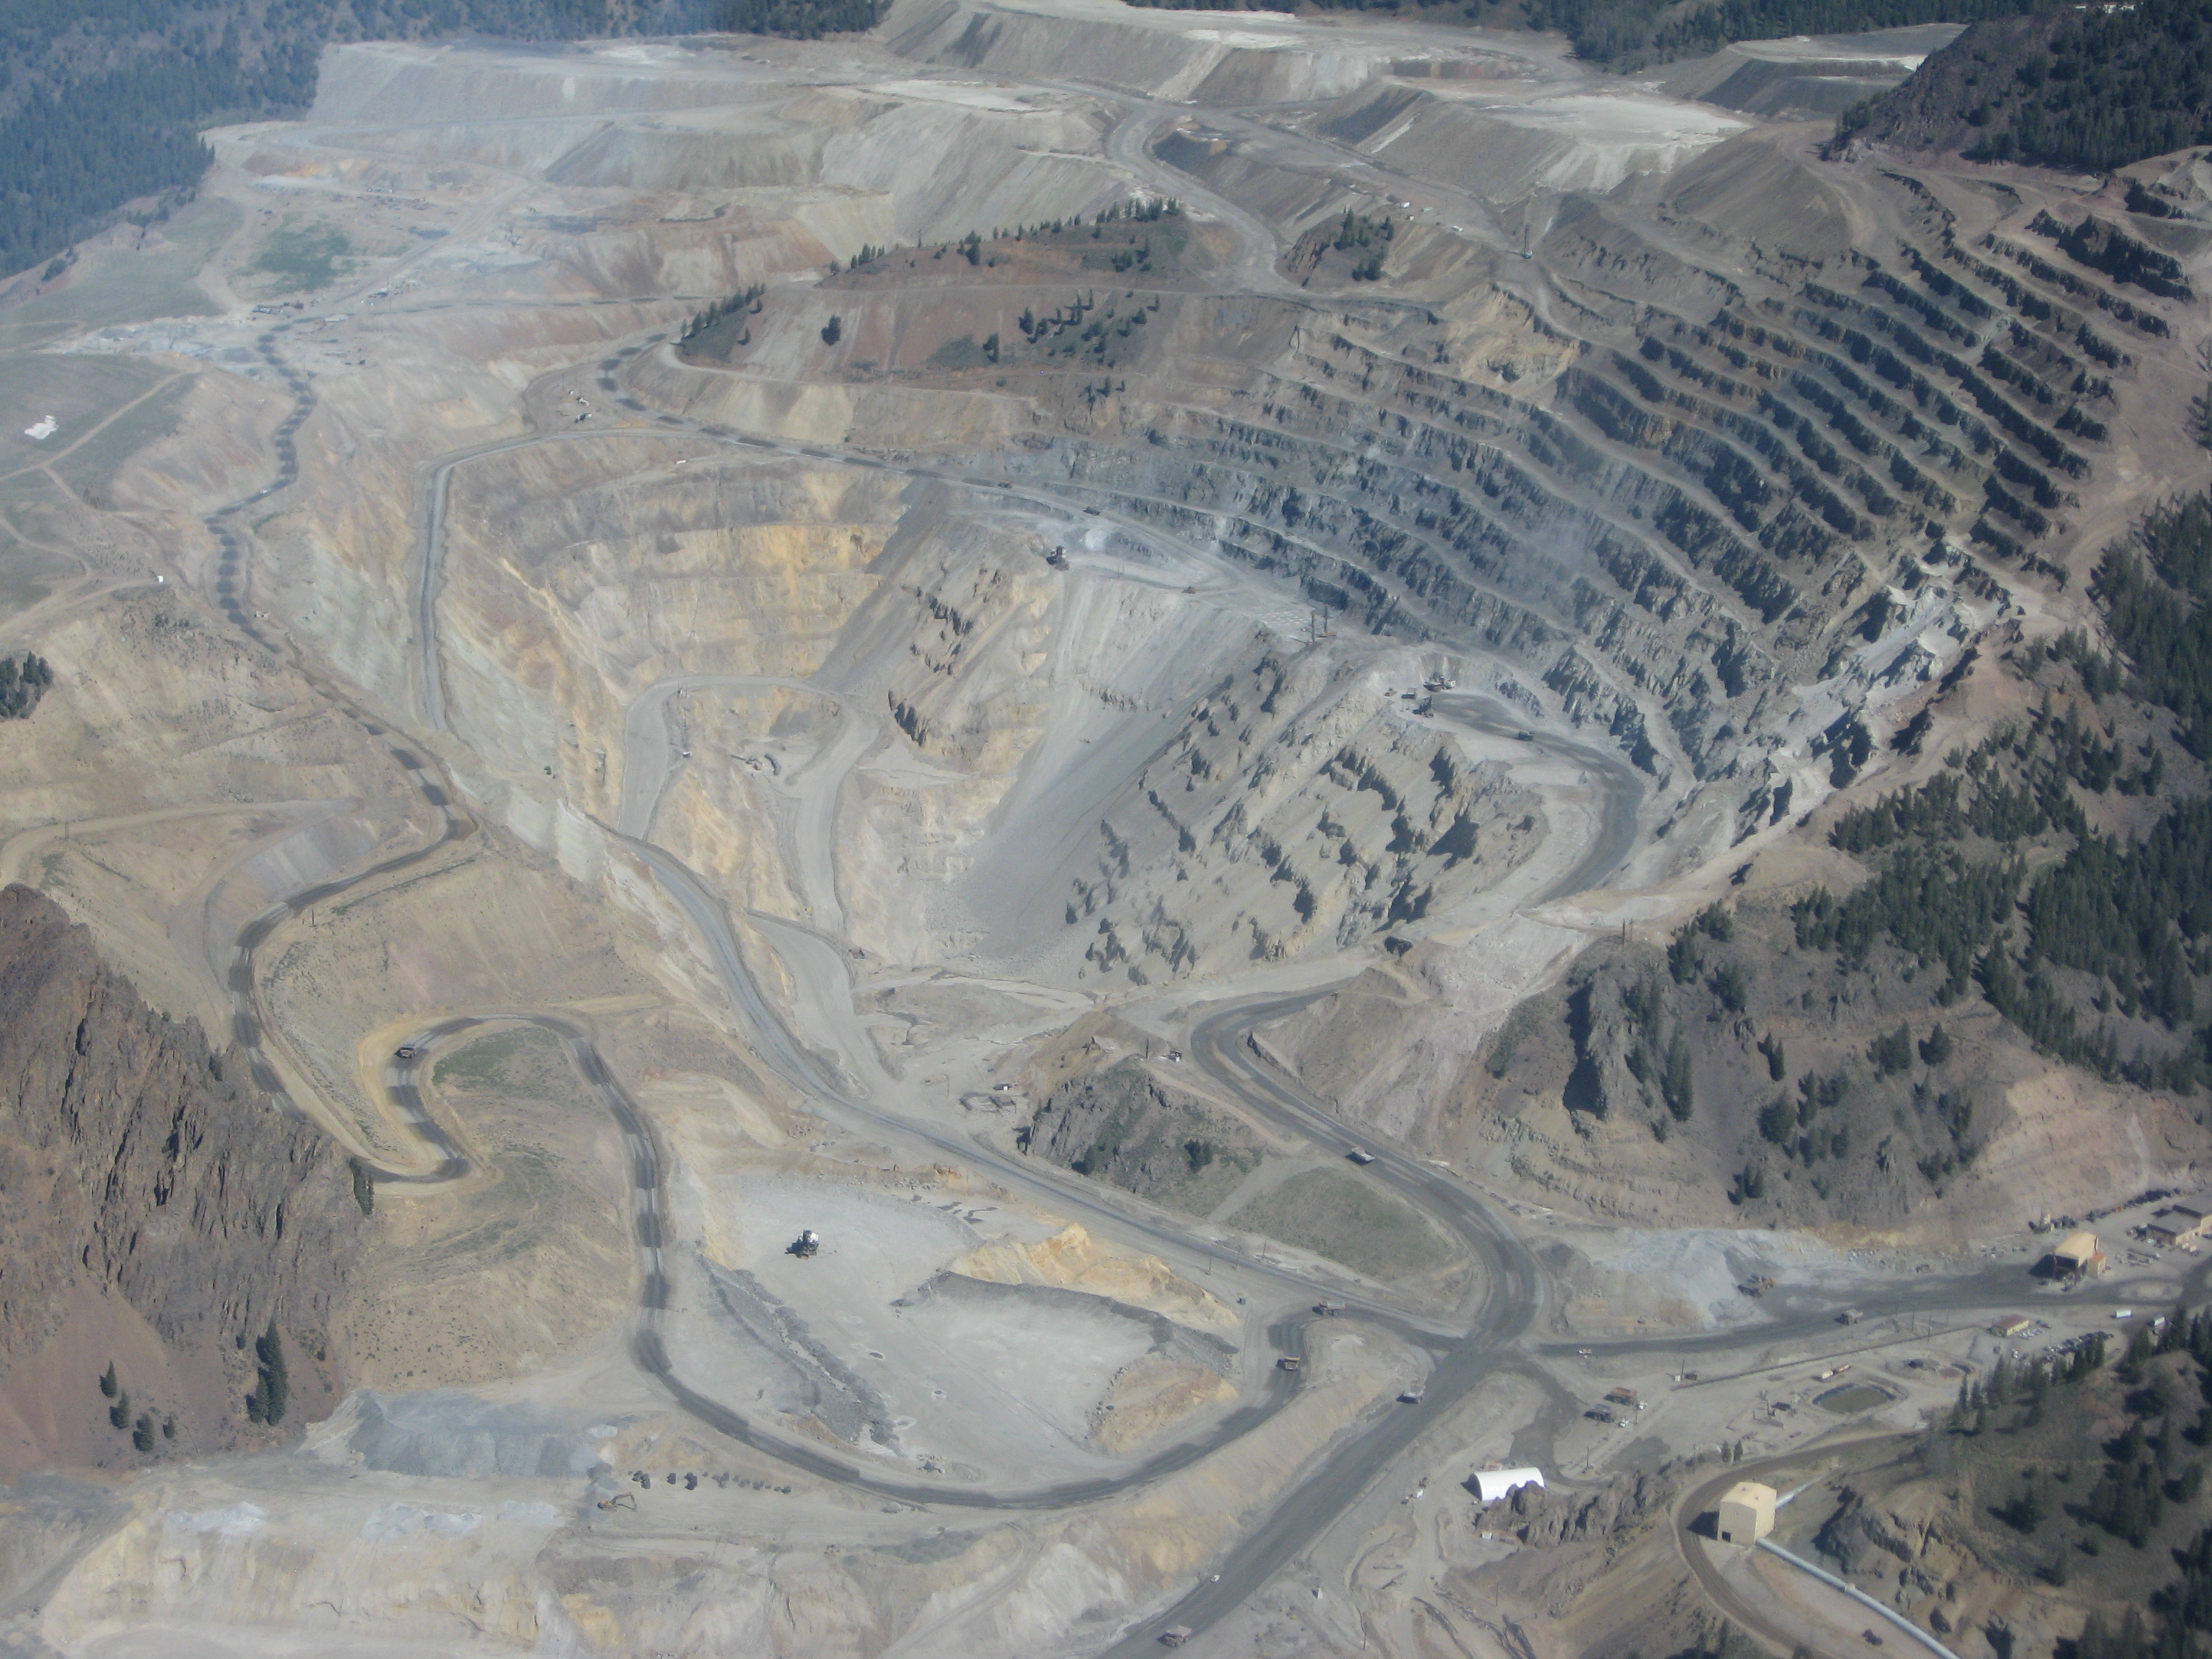 Updated: Idaho Molybdenum Mine Announces 100 Layoffs ...